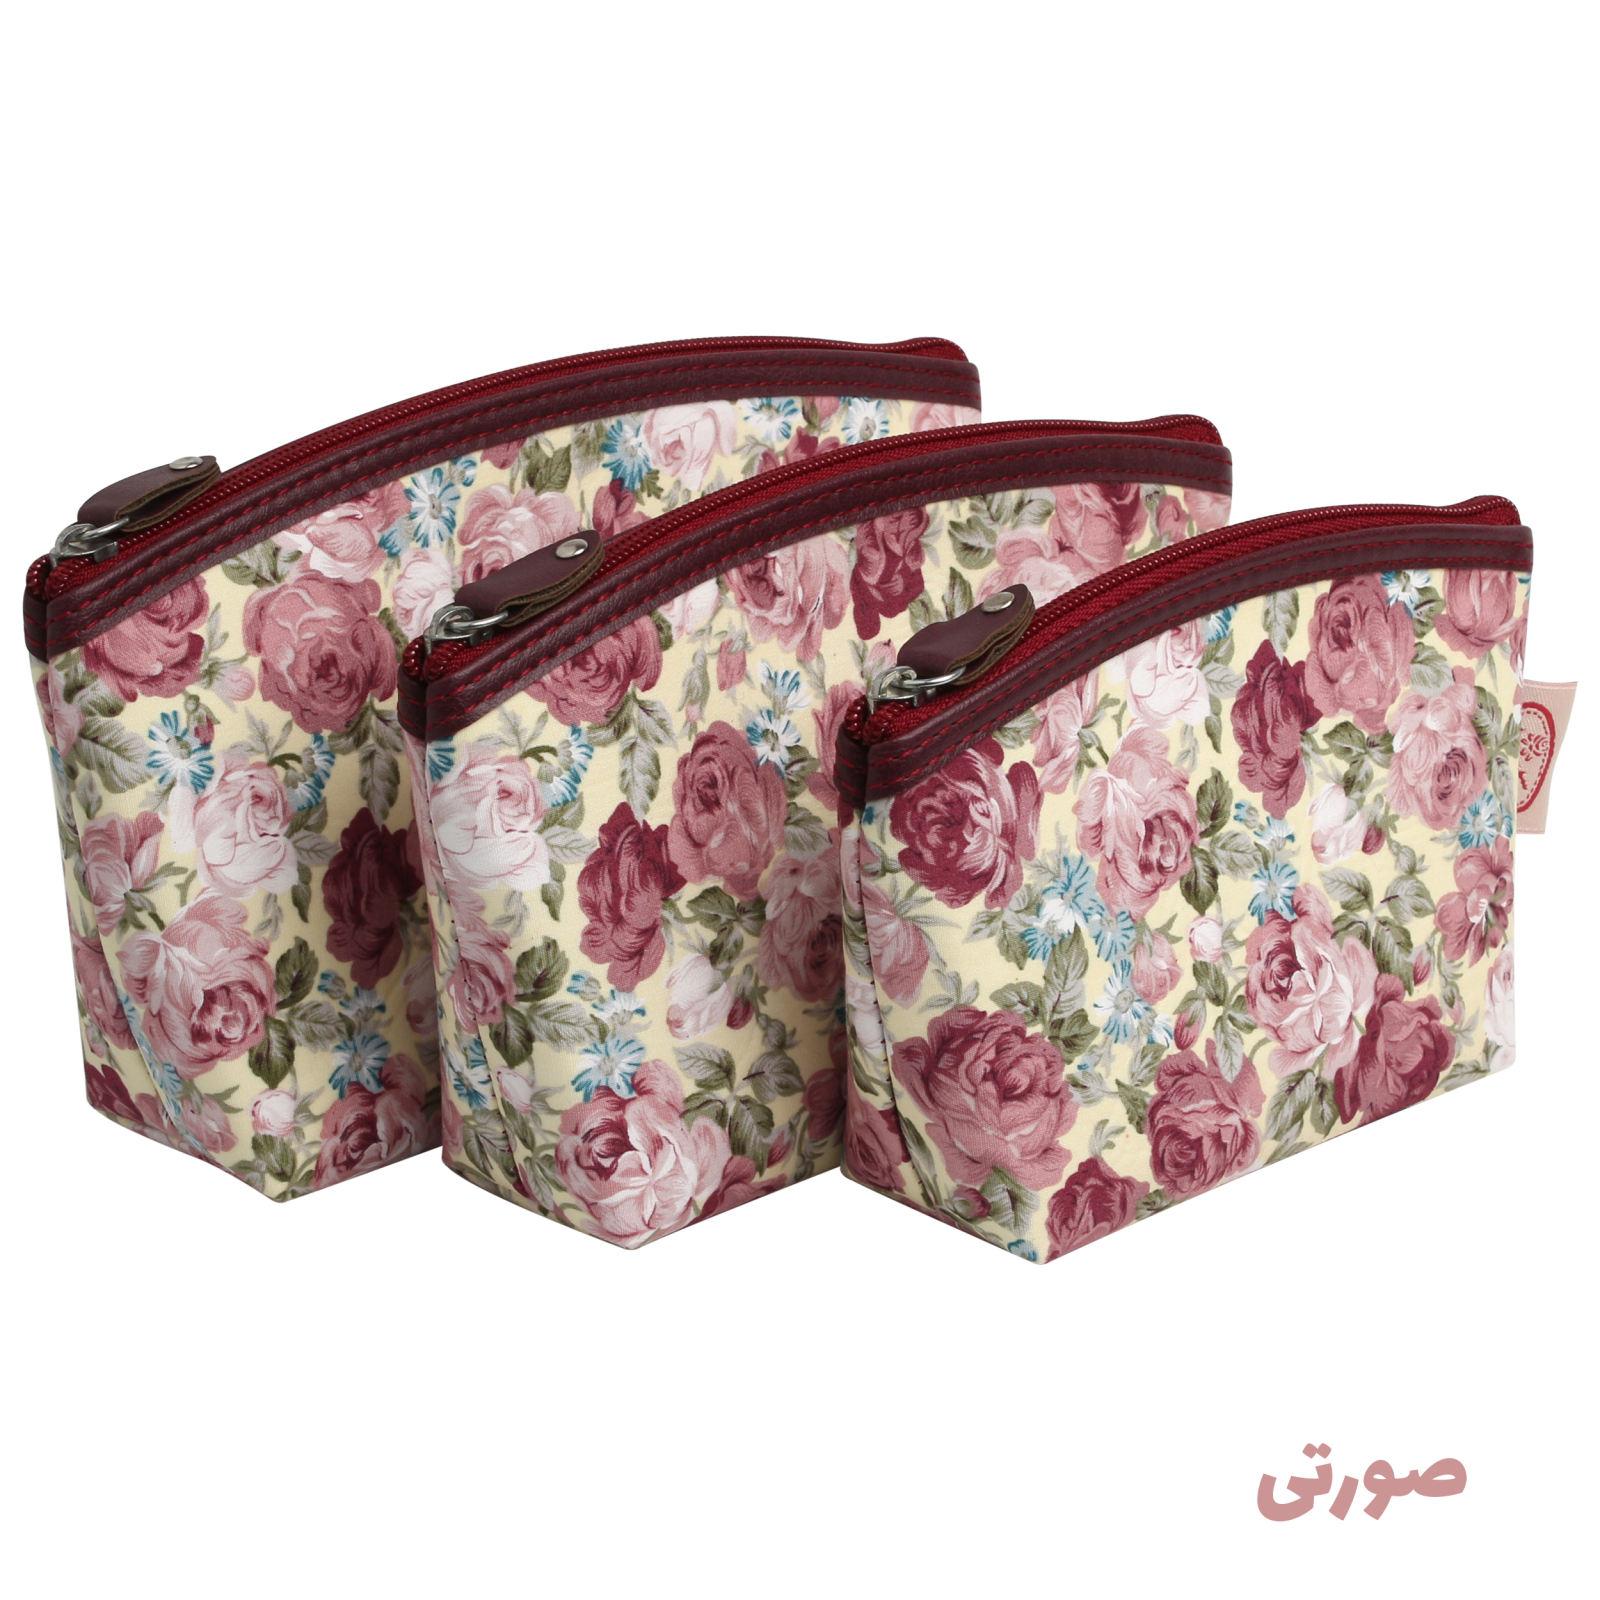 کیف لوازم آرایش زنانه سیب کد 15-Bgf مجموعه 3 عددی -  - 4